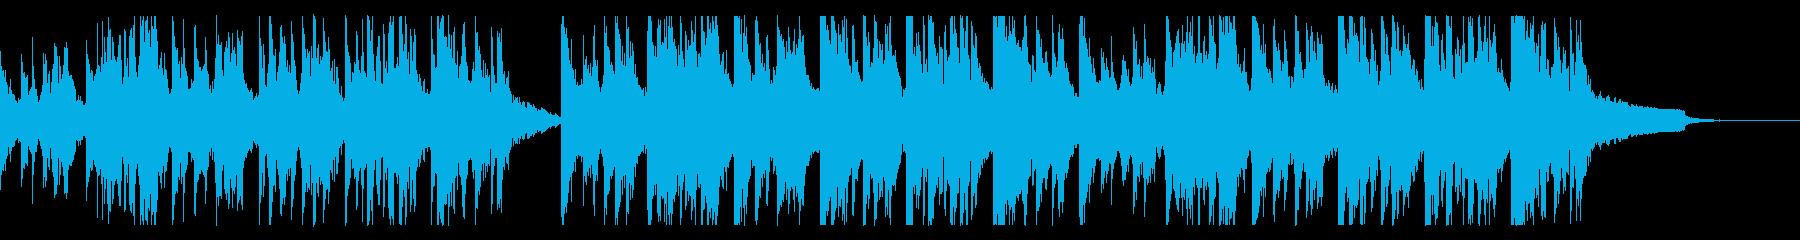 ホラーなピアノアレンジの「かごめかごめ」の再生済みの波形